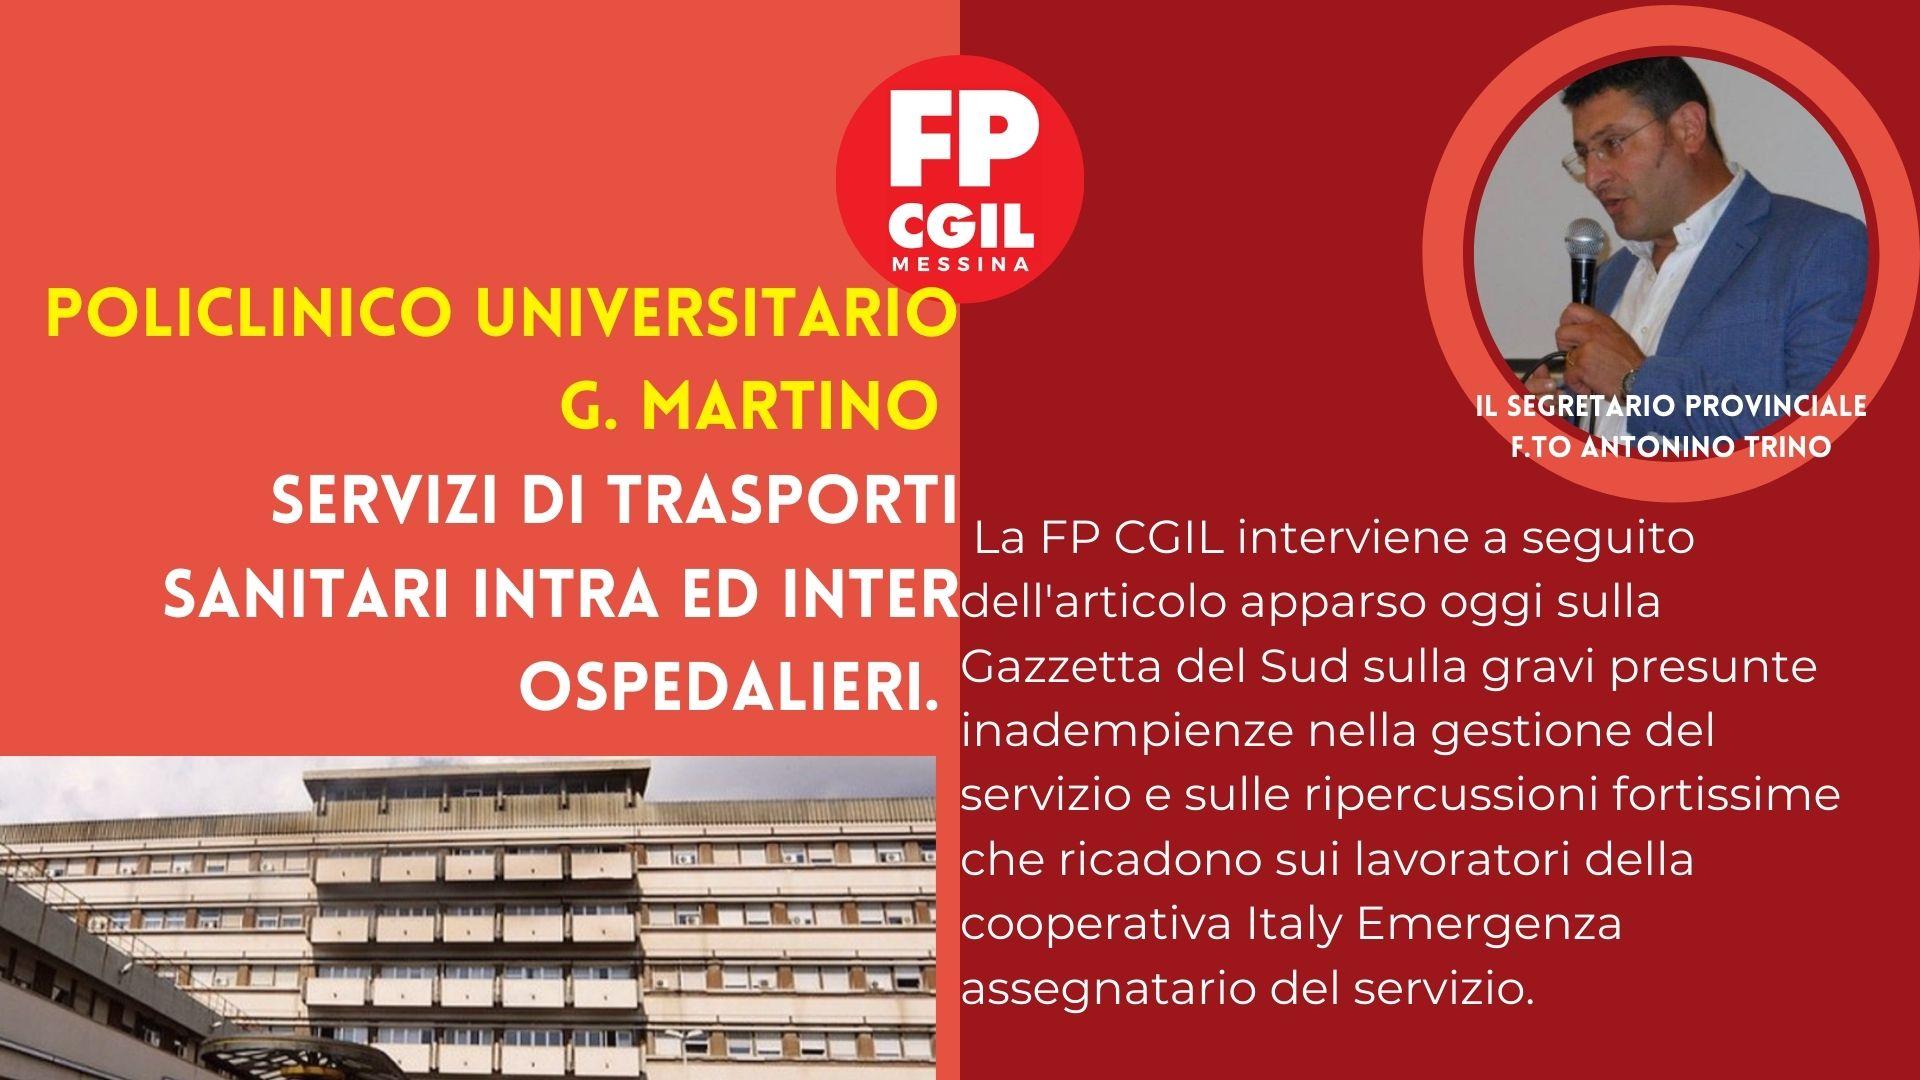 A.O.U. Policlinico G. Martino. Servizi di trasporti sanitari intra ed inter ospedalieri. Richiesta urgente incontro.